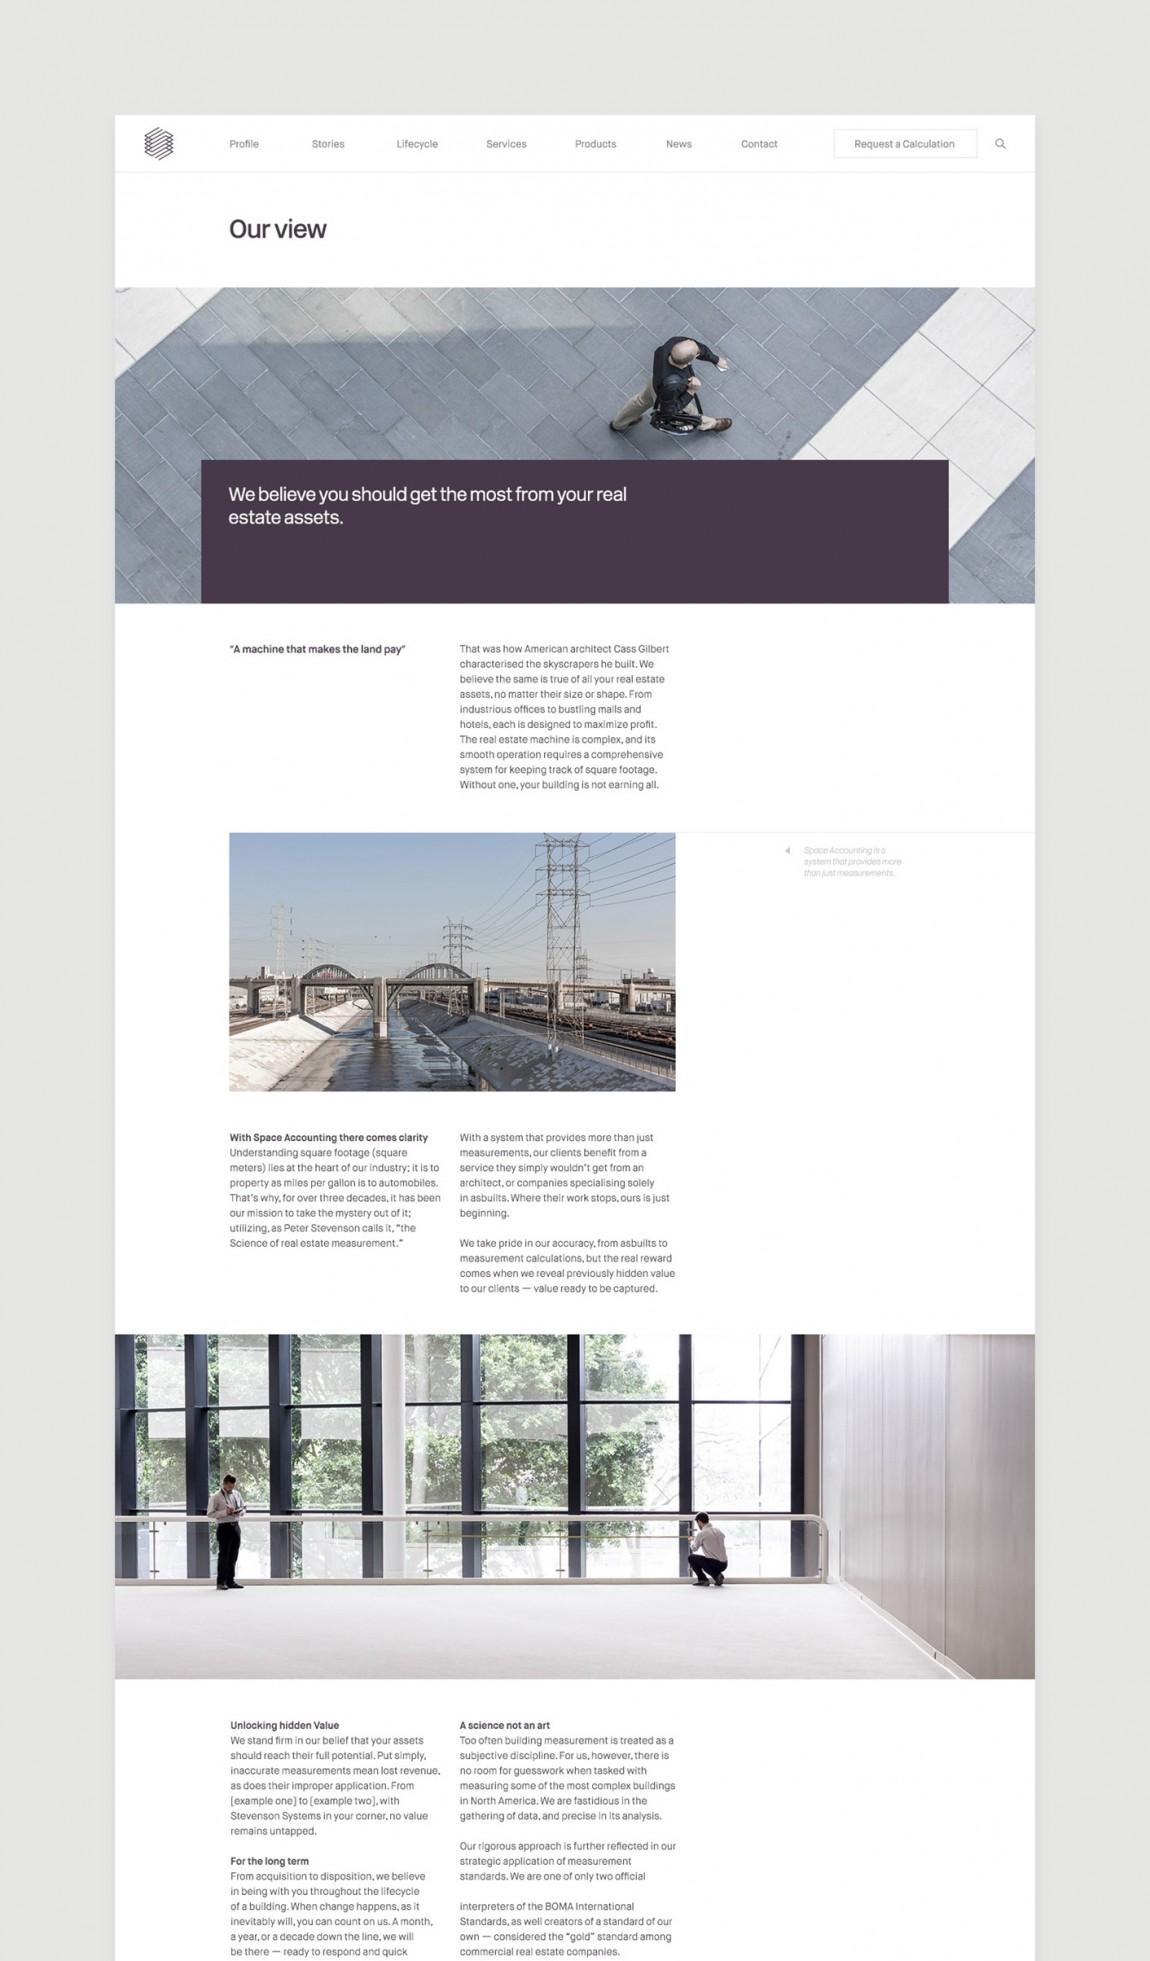 Stevenson Systems 建筑空间咨询公司品牌形象塑造全案设计,官网设计